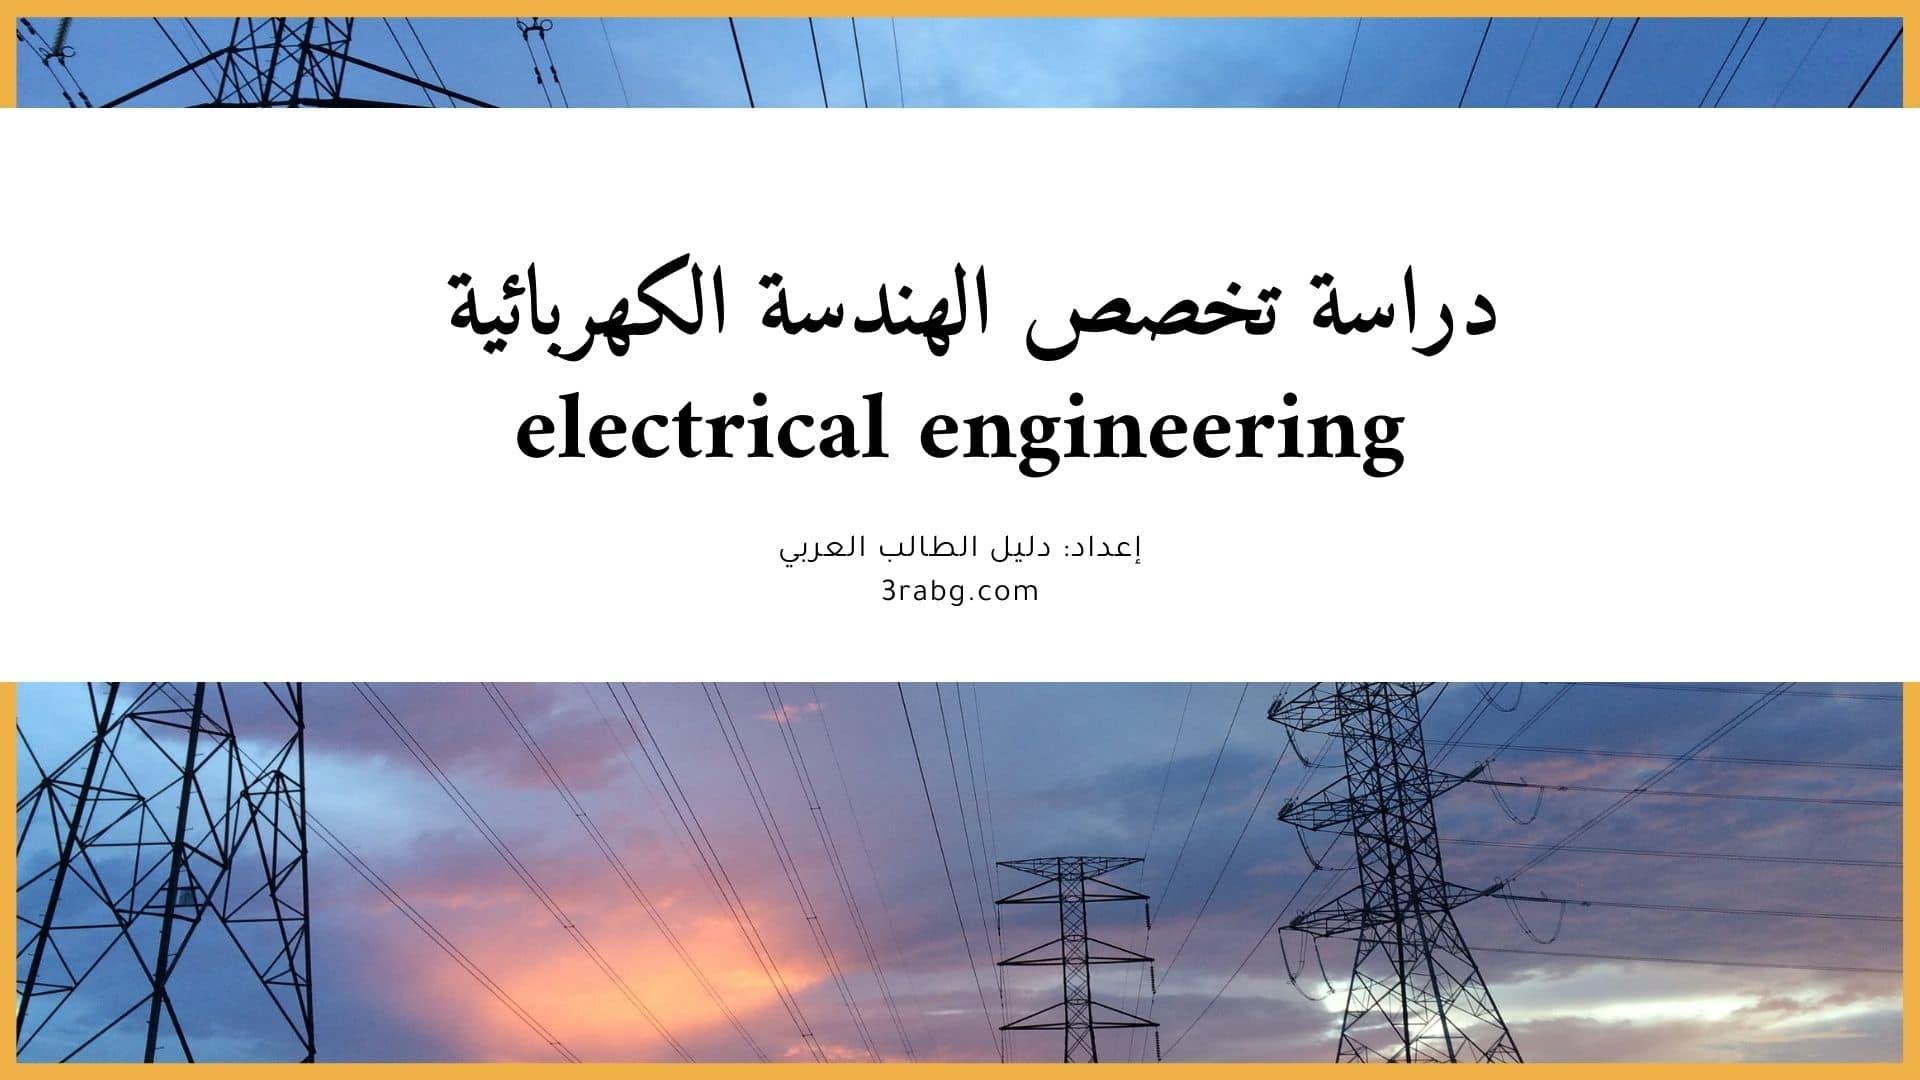 أفضل دولة لدراسة تخصص الهندسة الكهربائية بأسهل الشروط والقبول